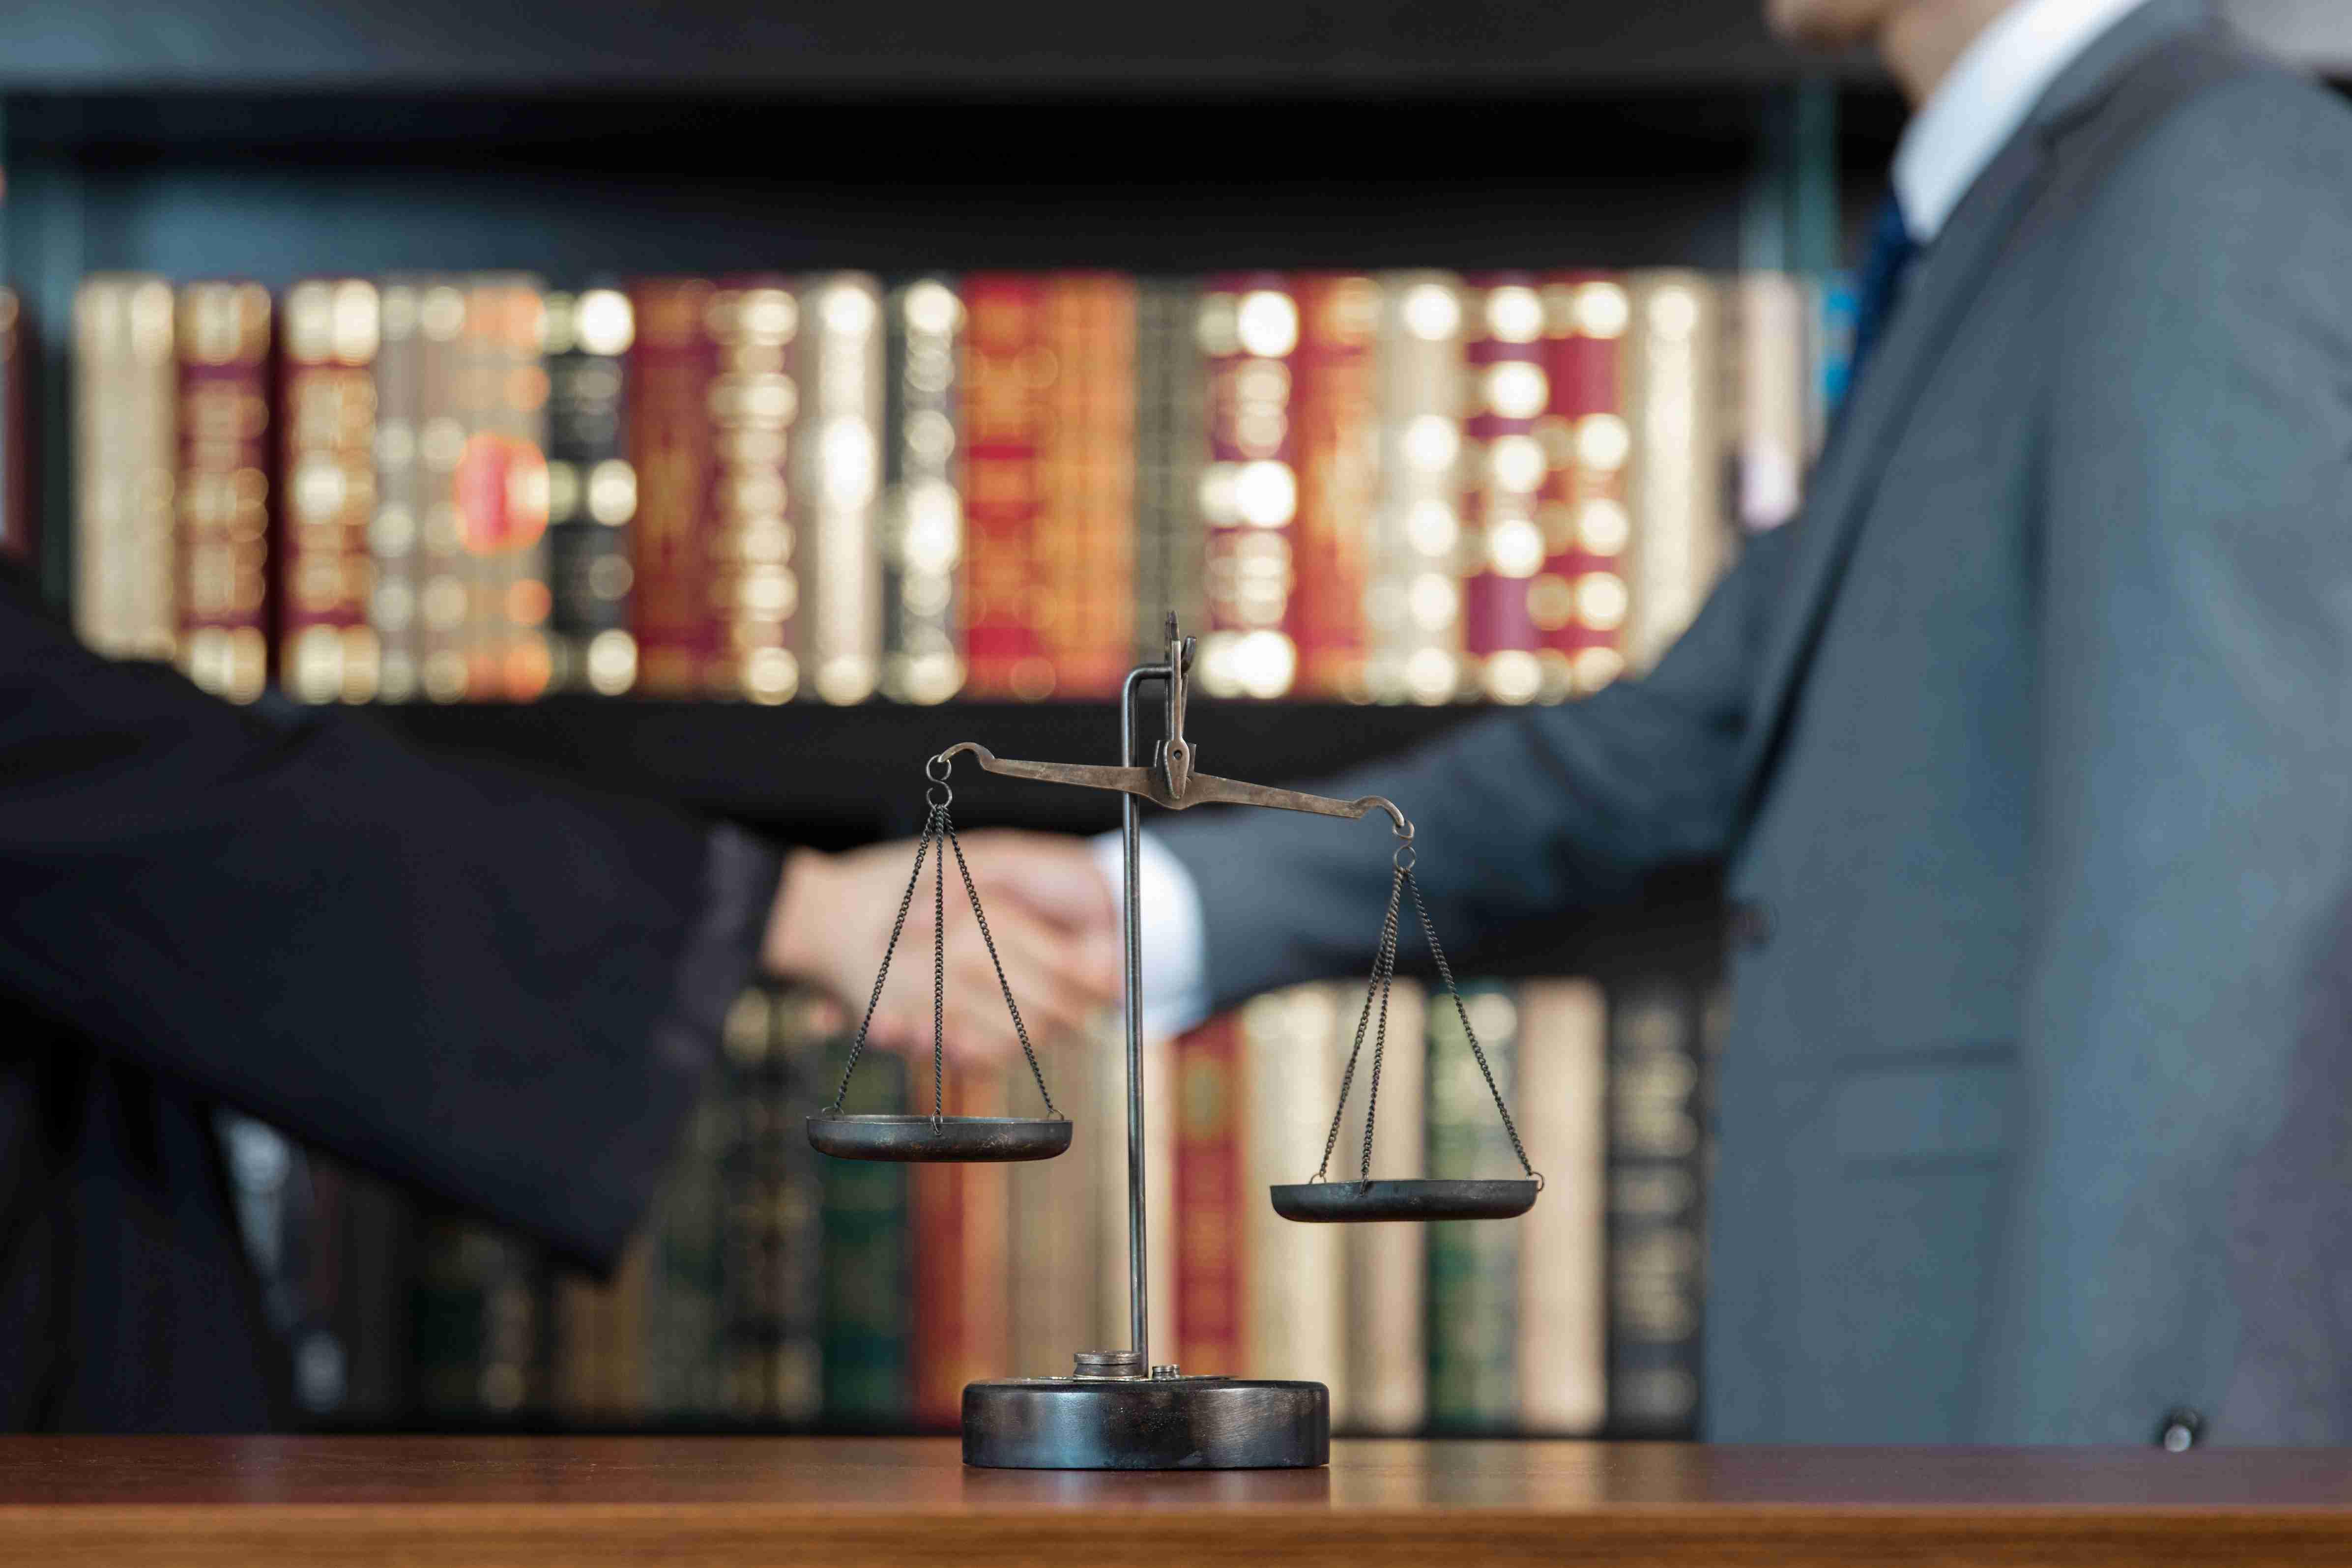 针灸用具专利权被无效宣告 后起诉国家知识产权局